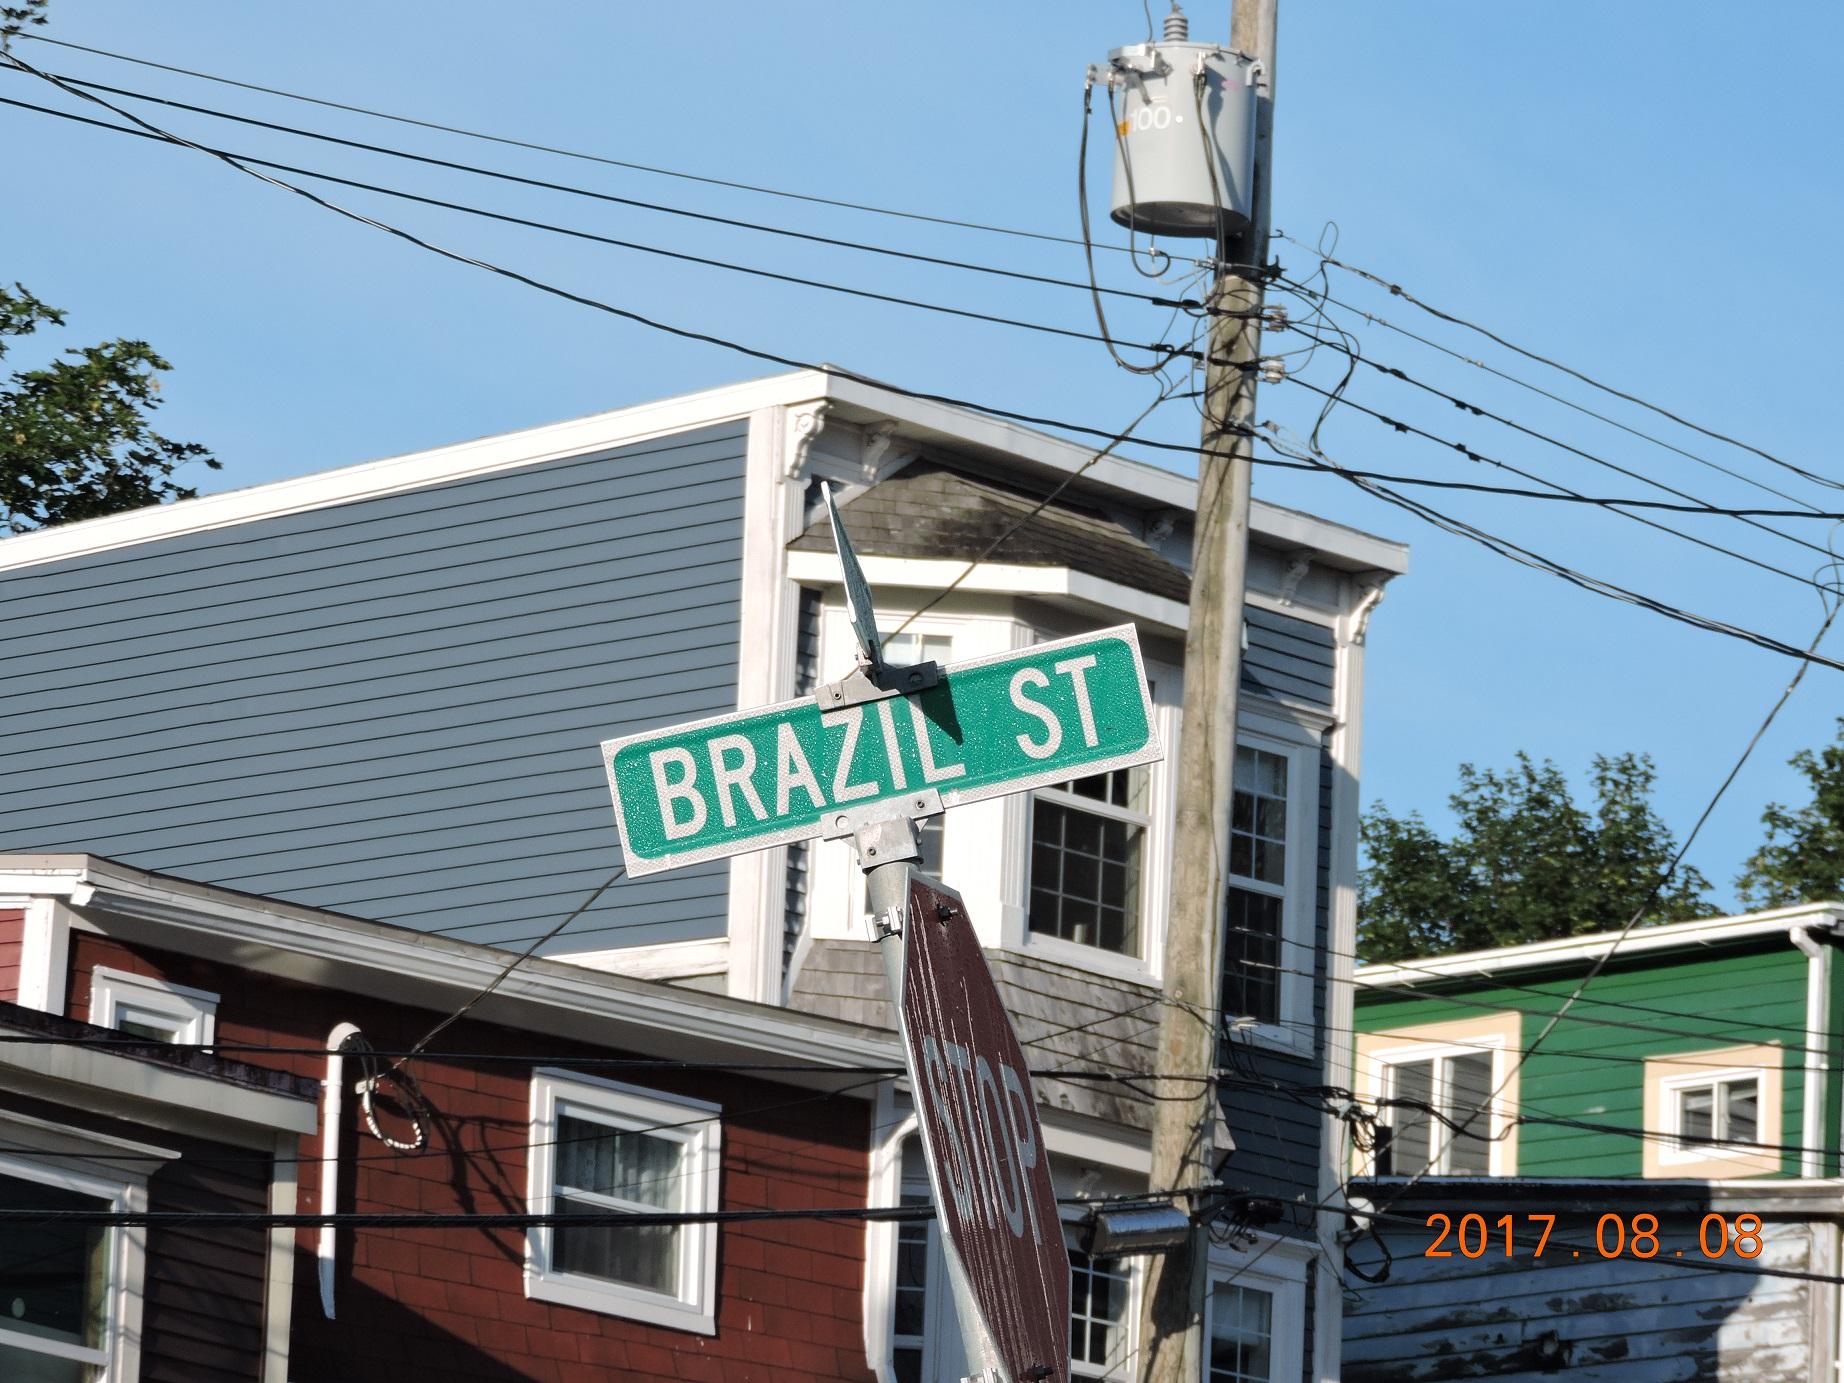 Brazil street.